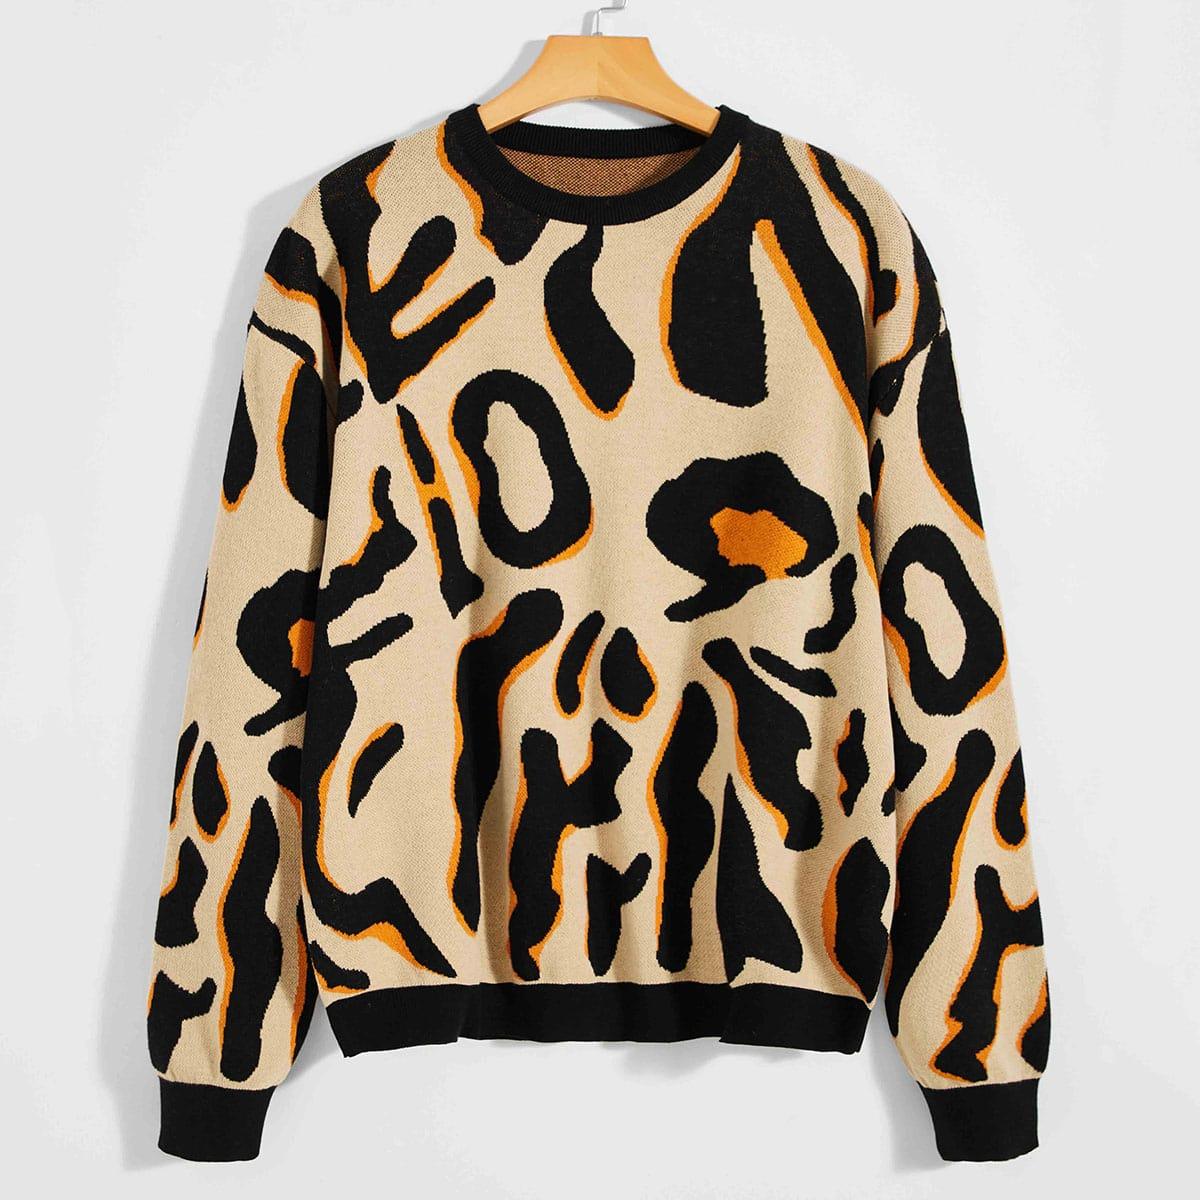 Мужской свитер с леопардовым узором